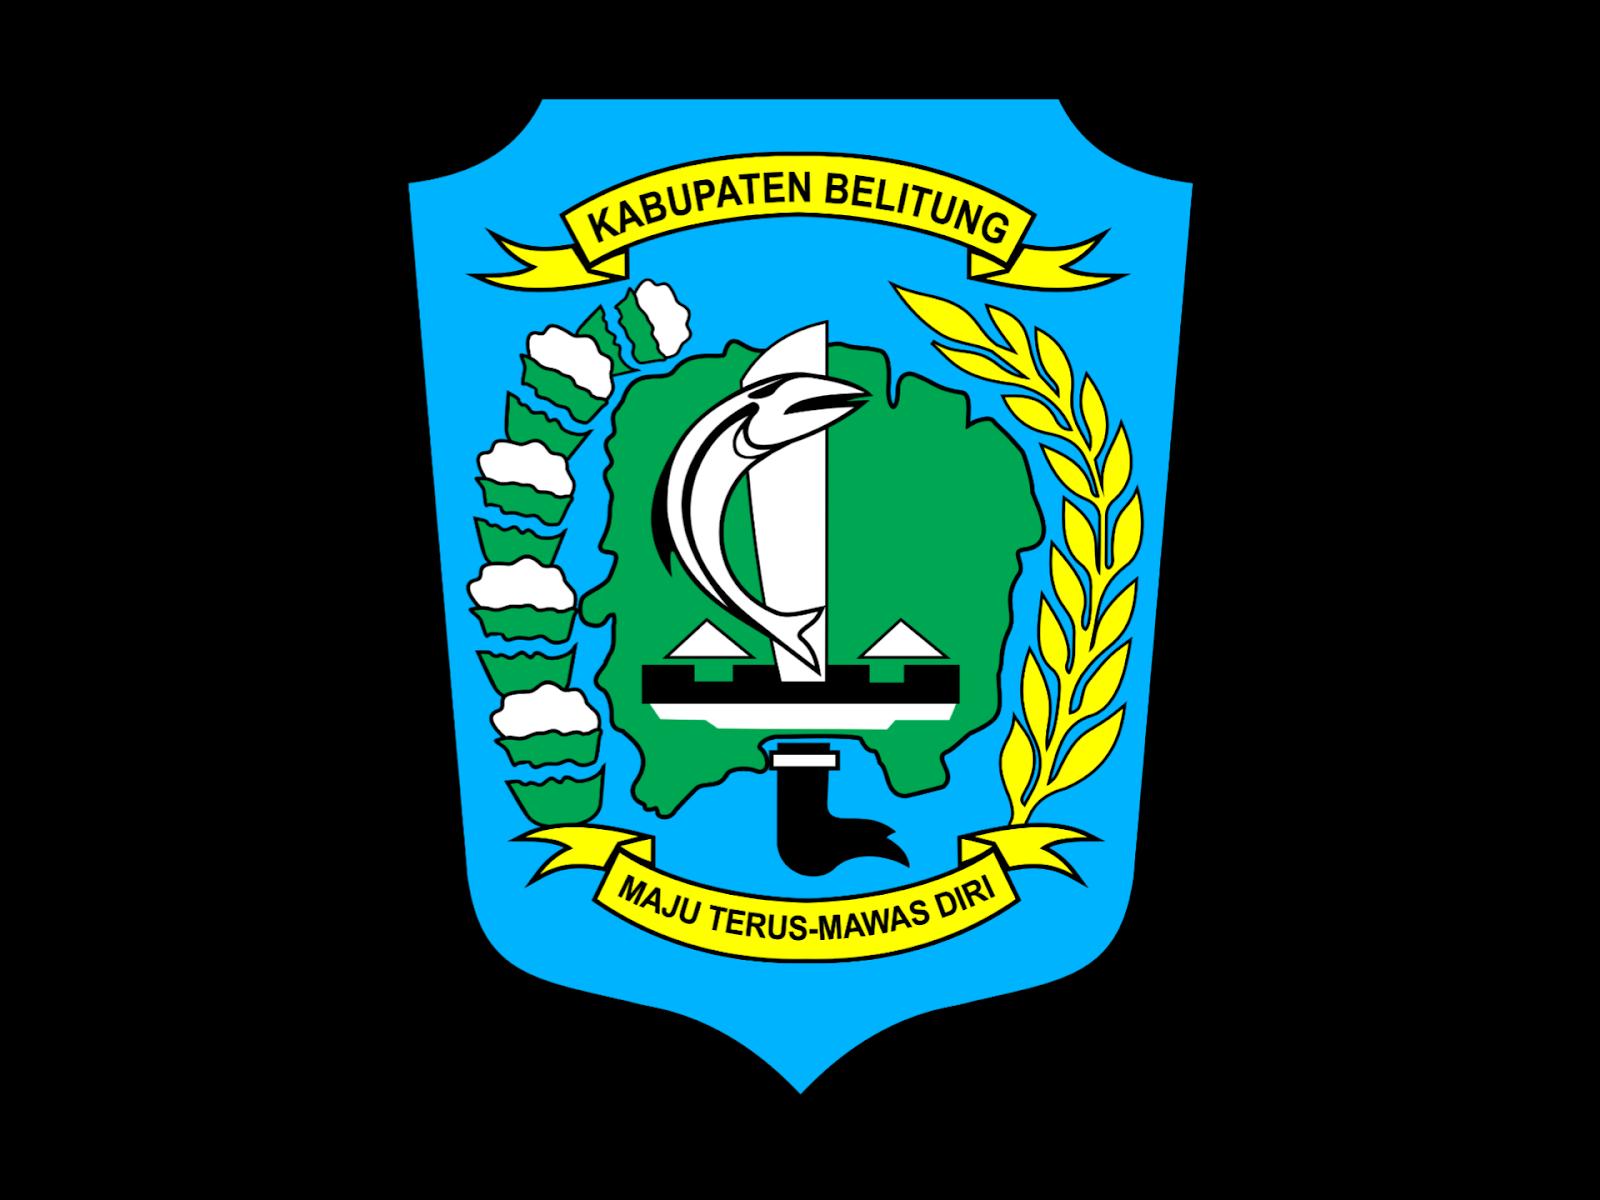 Logo Kabupaten Belitung Format PNG